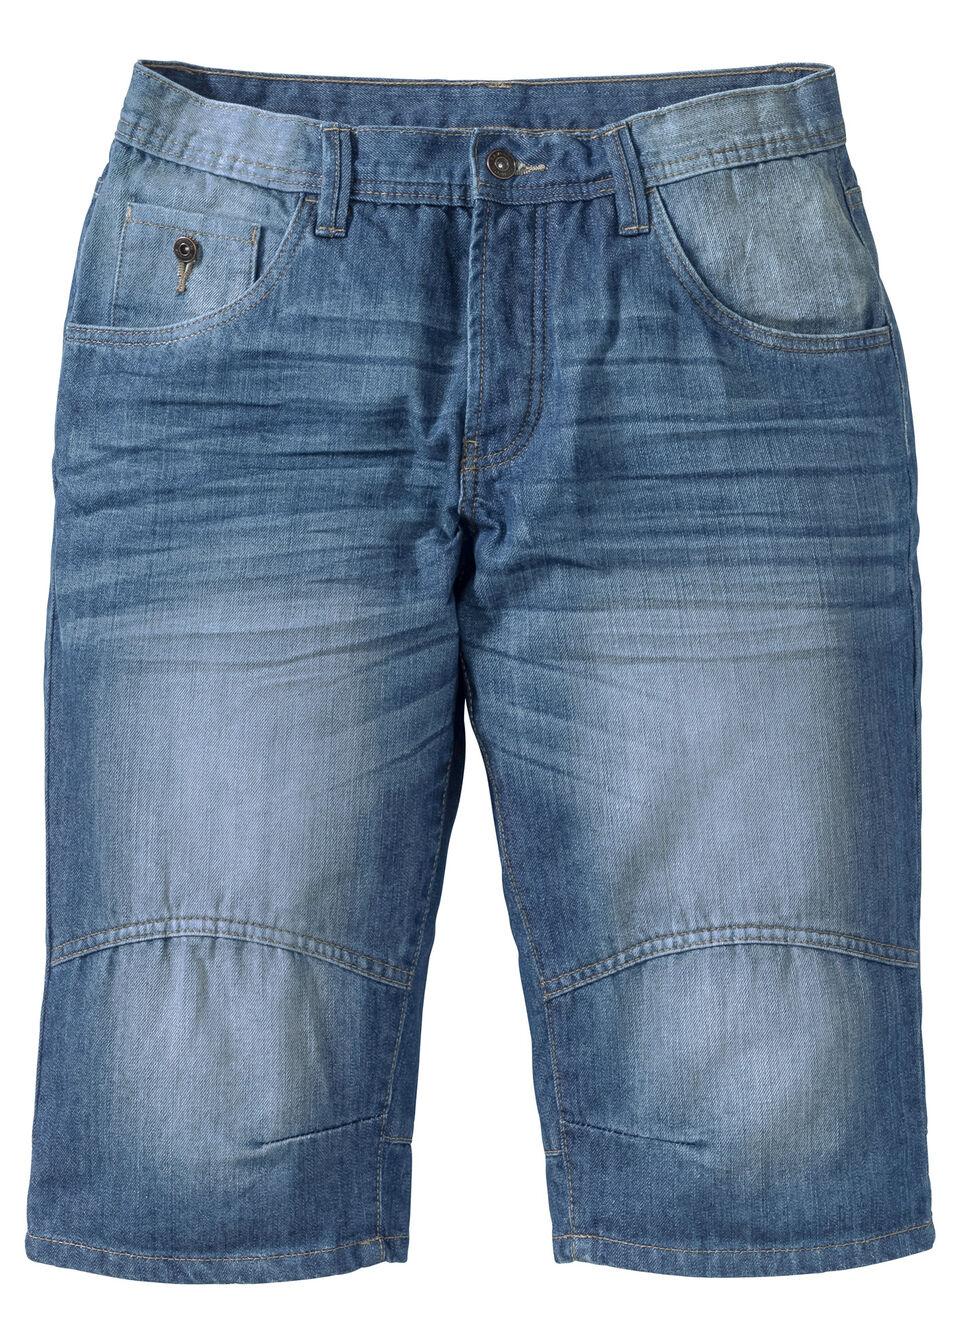 Бермуды джинсовые, Loose Fit от bonprix